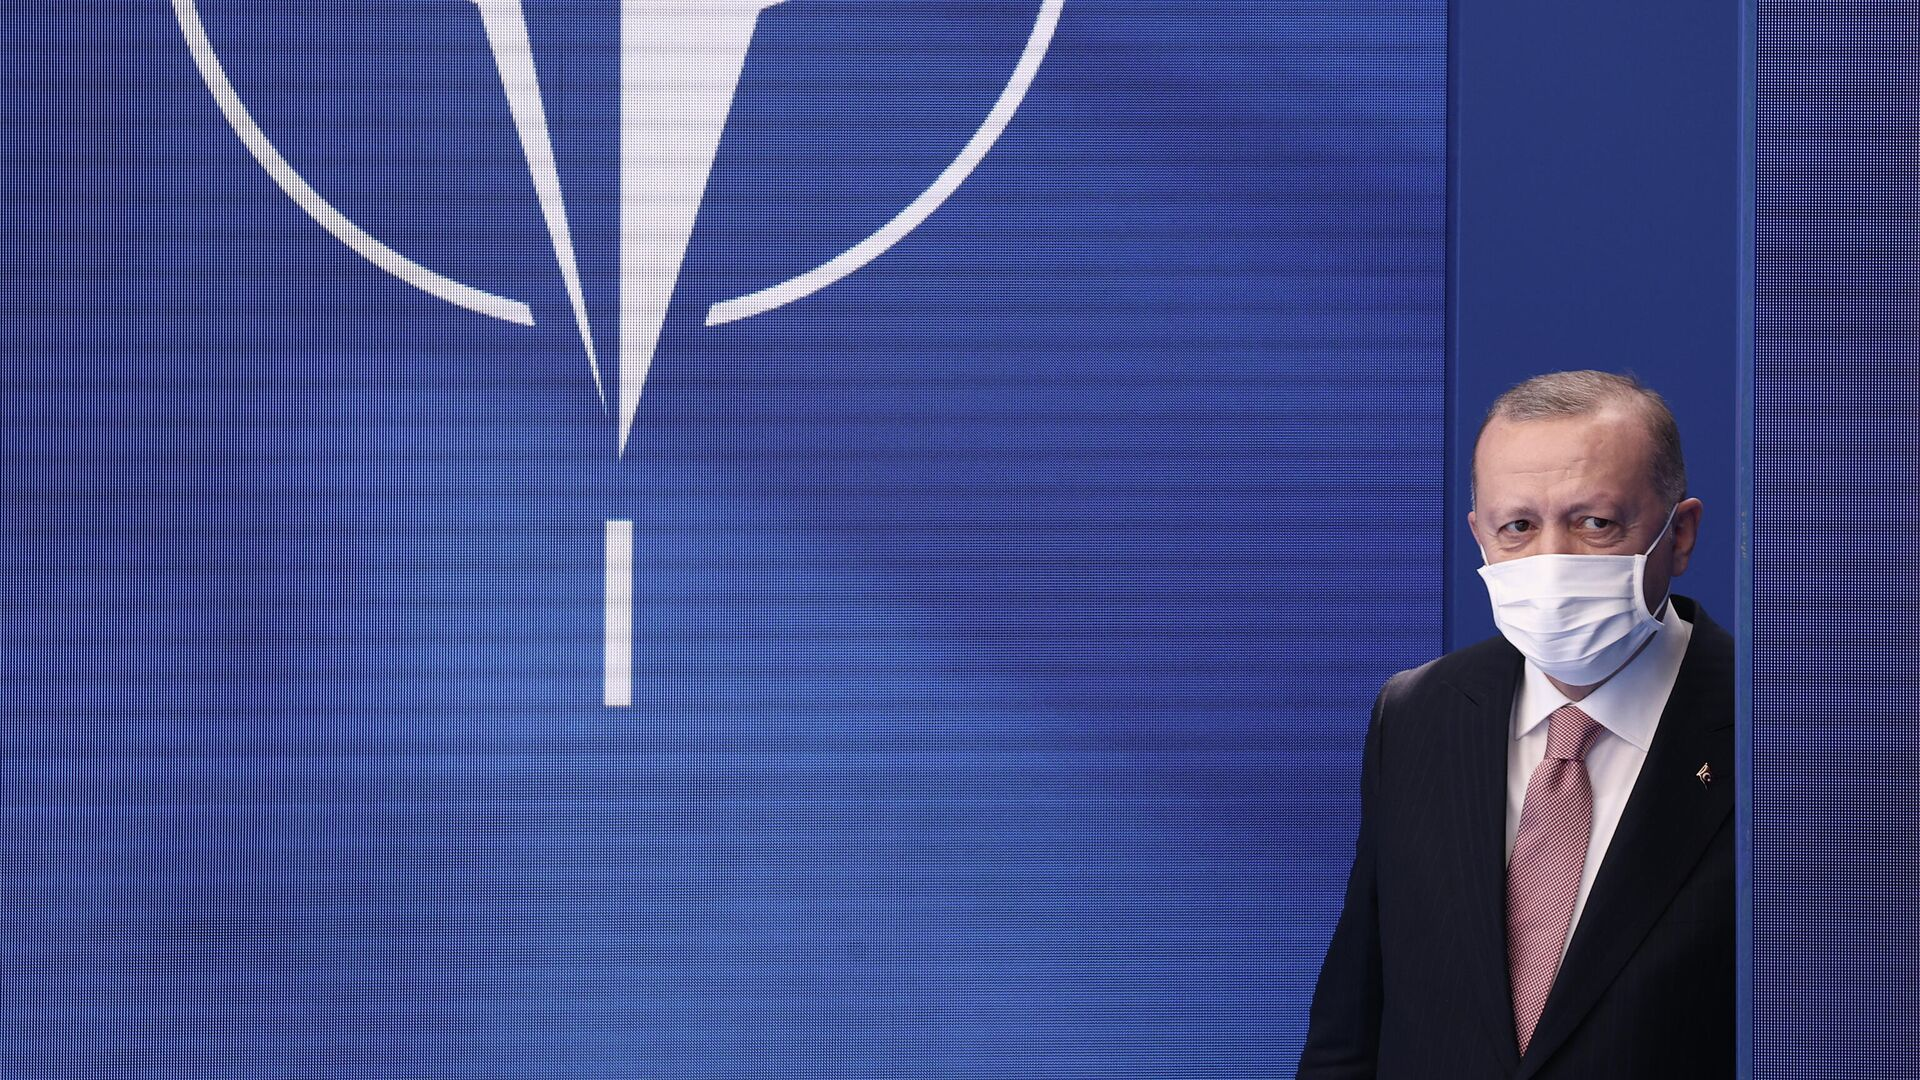 Ρετζέπ Ταγίπ Ερντογάν στη Σύνοδο του ΝΑΤΟ - Sputnik Ελλάδα, 1920, 26.09.2021